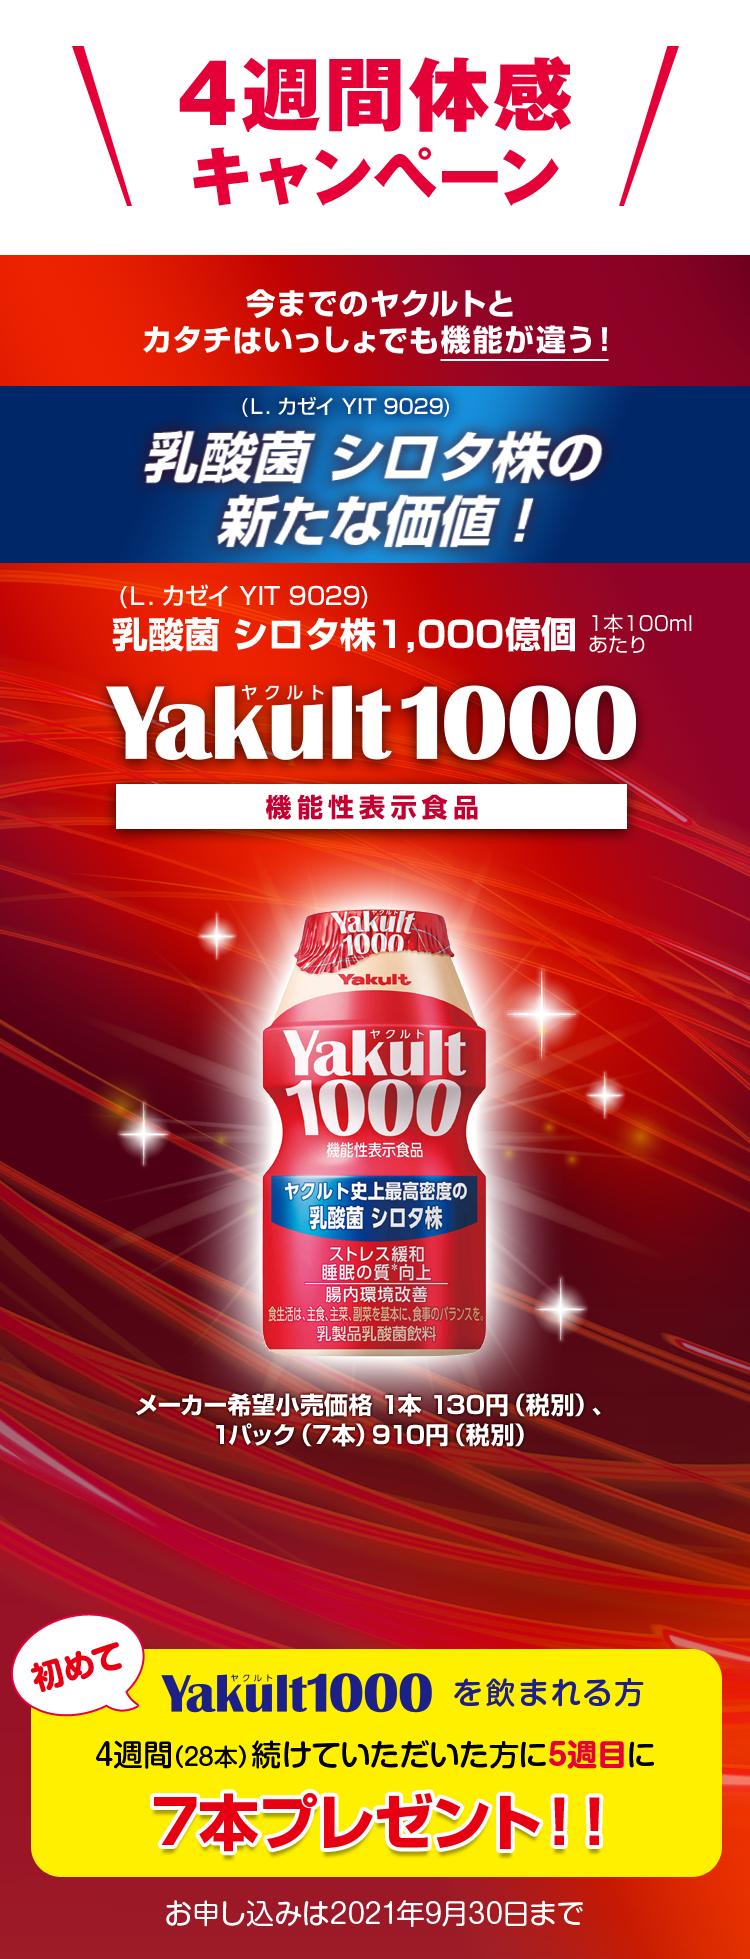 値段 ヤクルト 1000